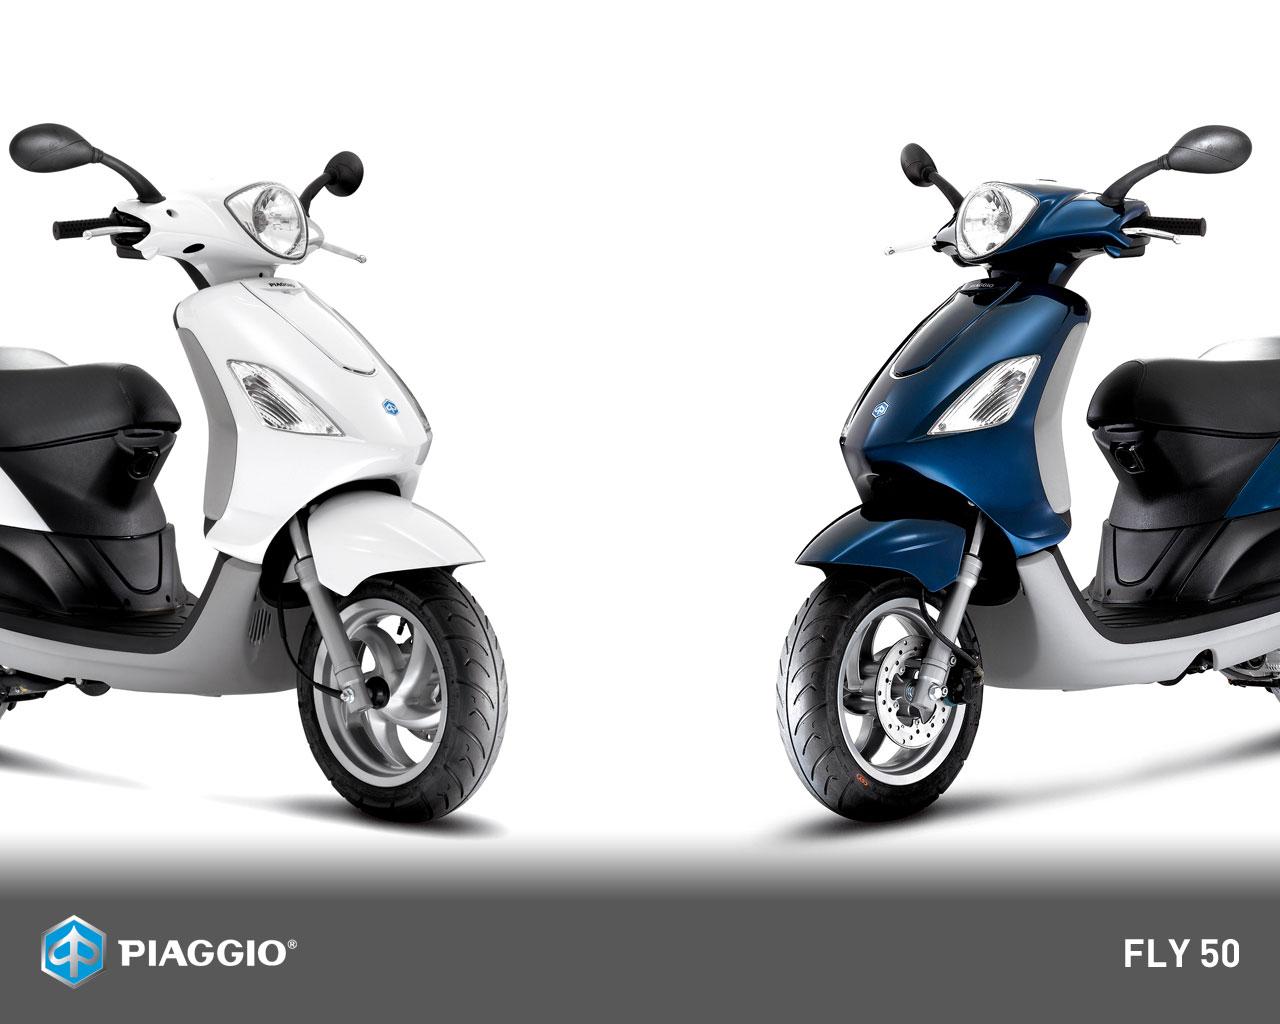 piaggio fly 50 specs - 2009, 2010 - autoevolution